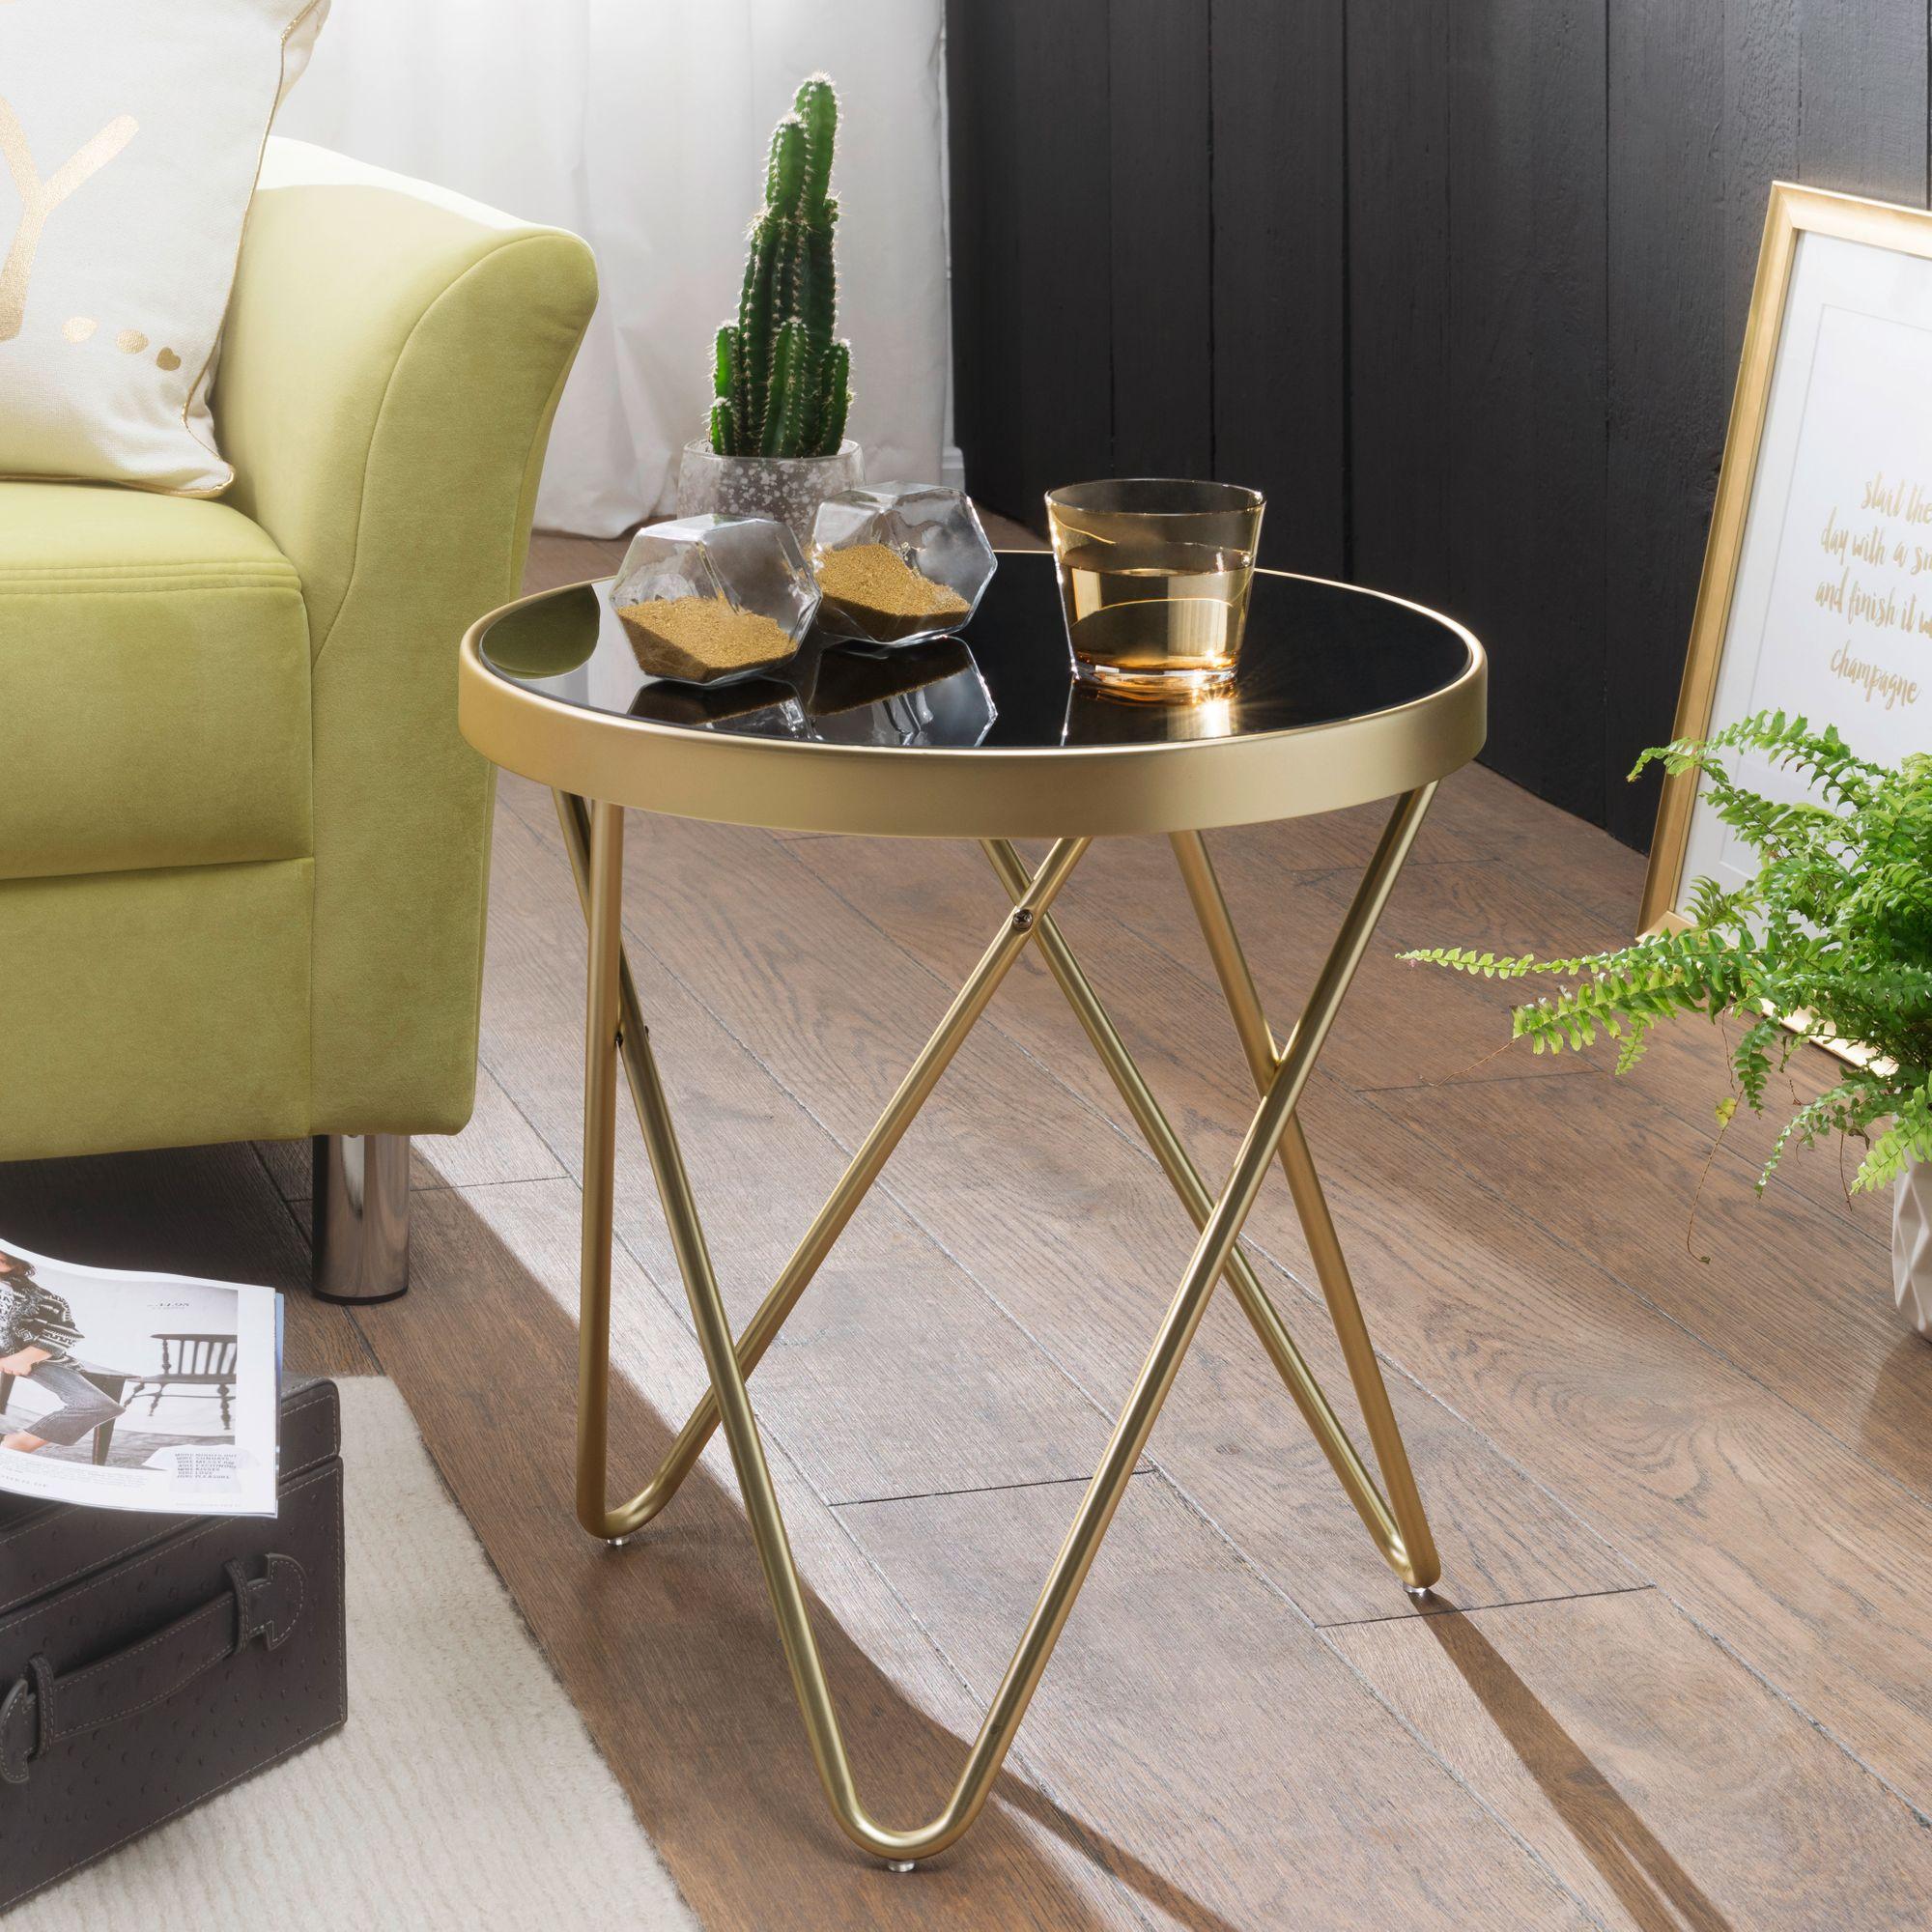 WOHNLING Design Beistelltisch DANA 20x20x20cm Couchtisch Rund Schwarz/Matt  Gold  Designer Glas-Wohnzimmertisch modern  Glastisch mit Metallgestell